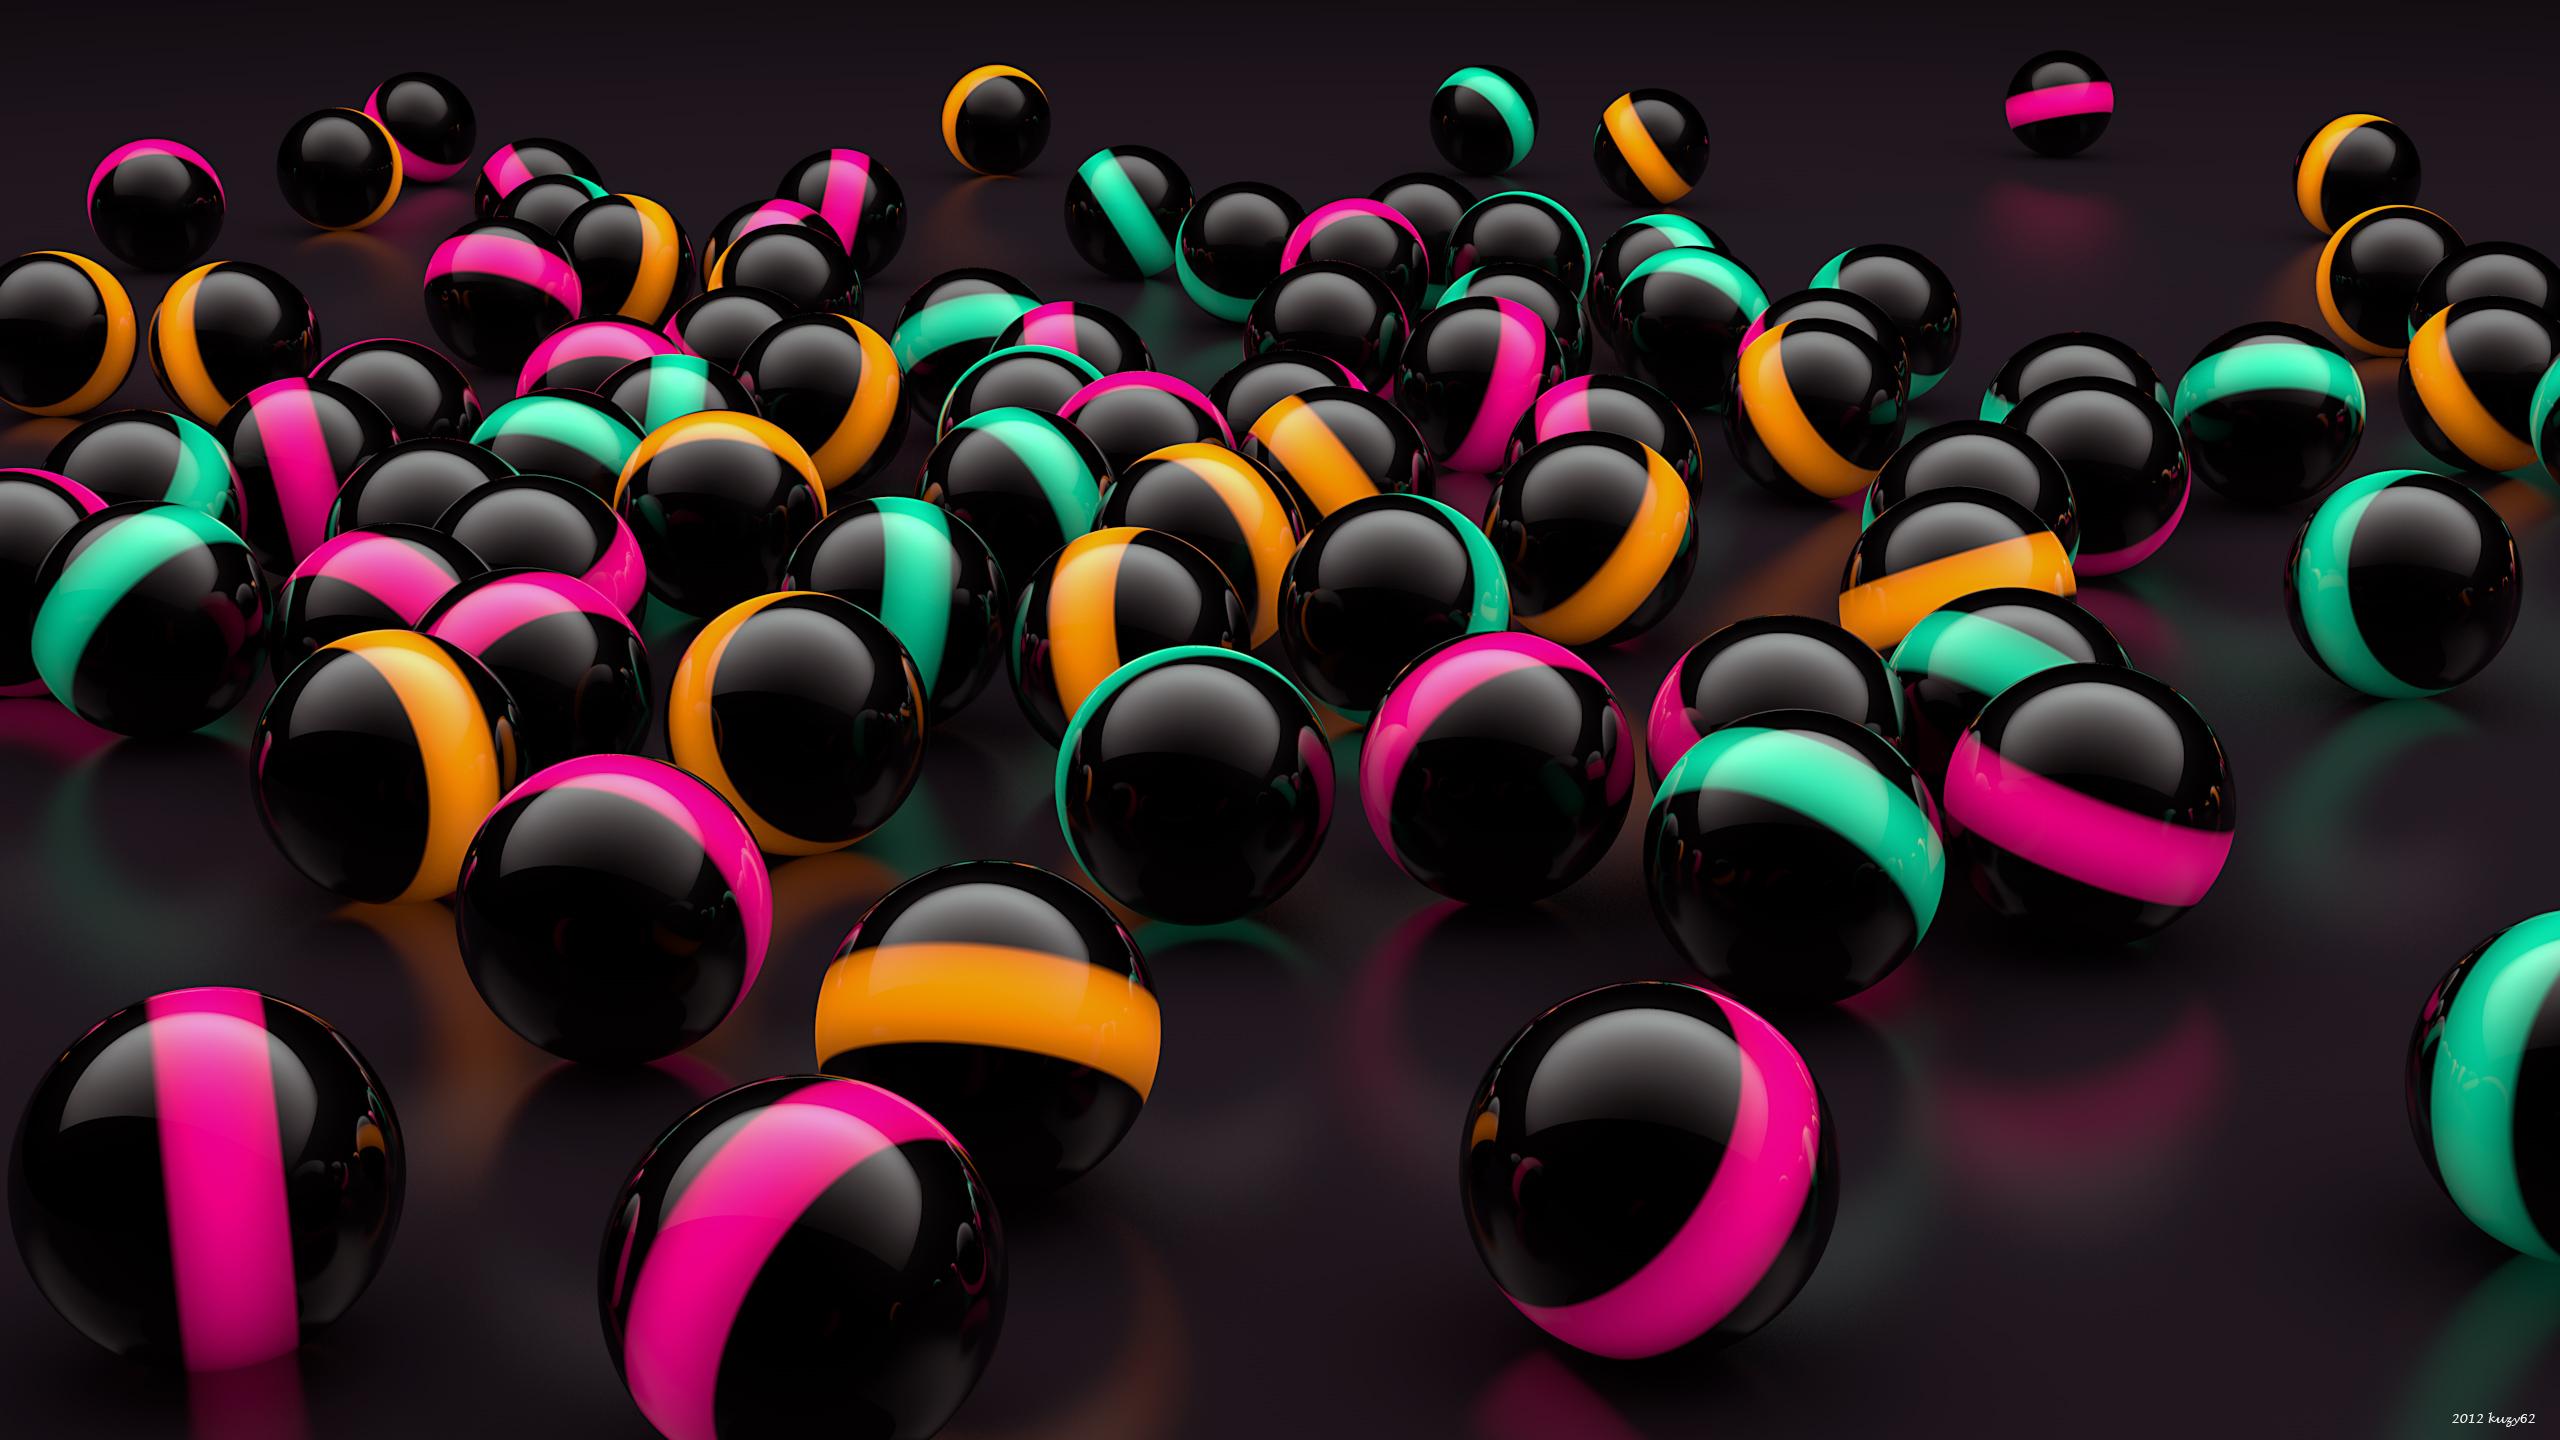 Random Spheres by kuzy62